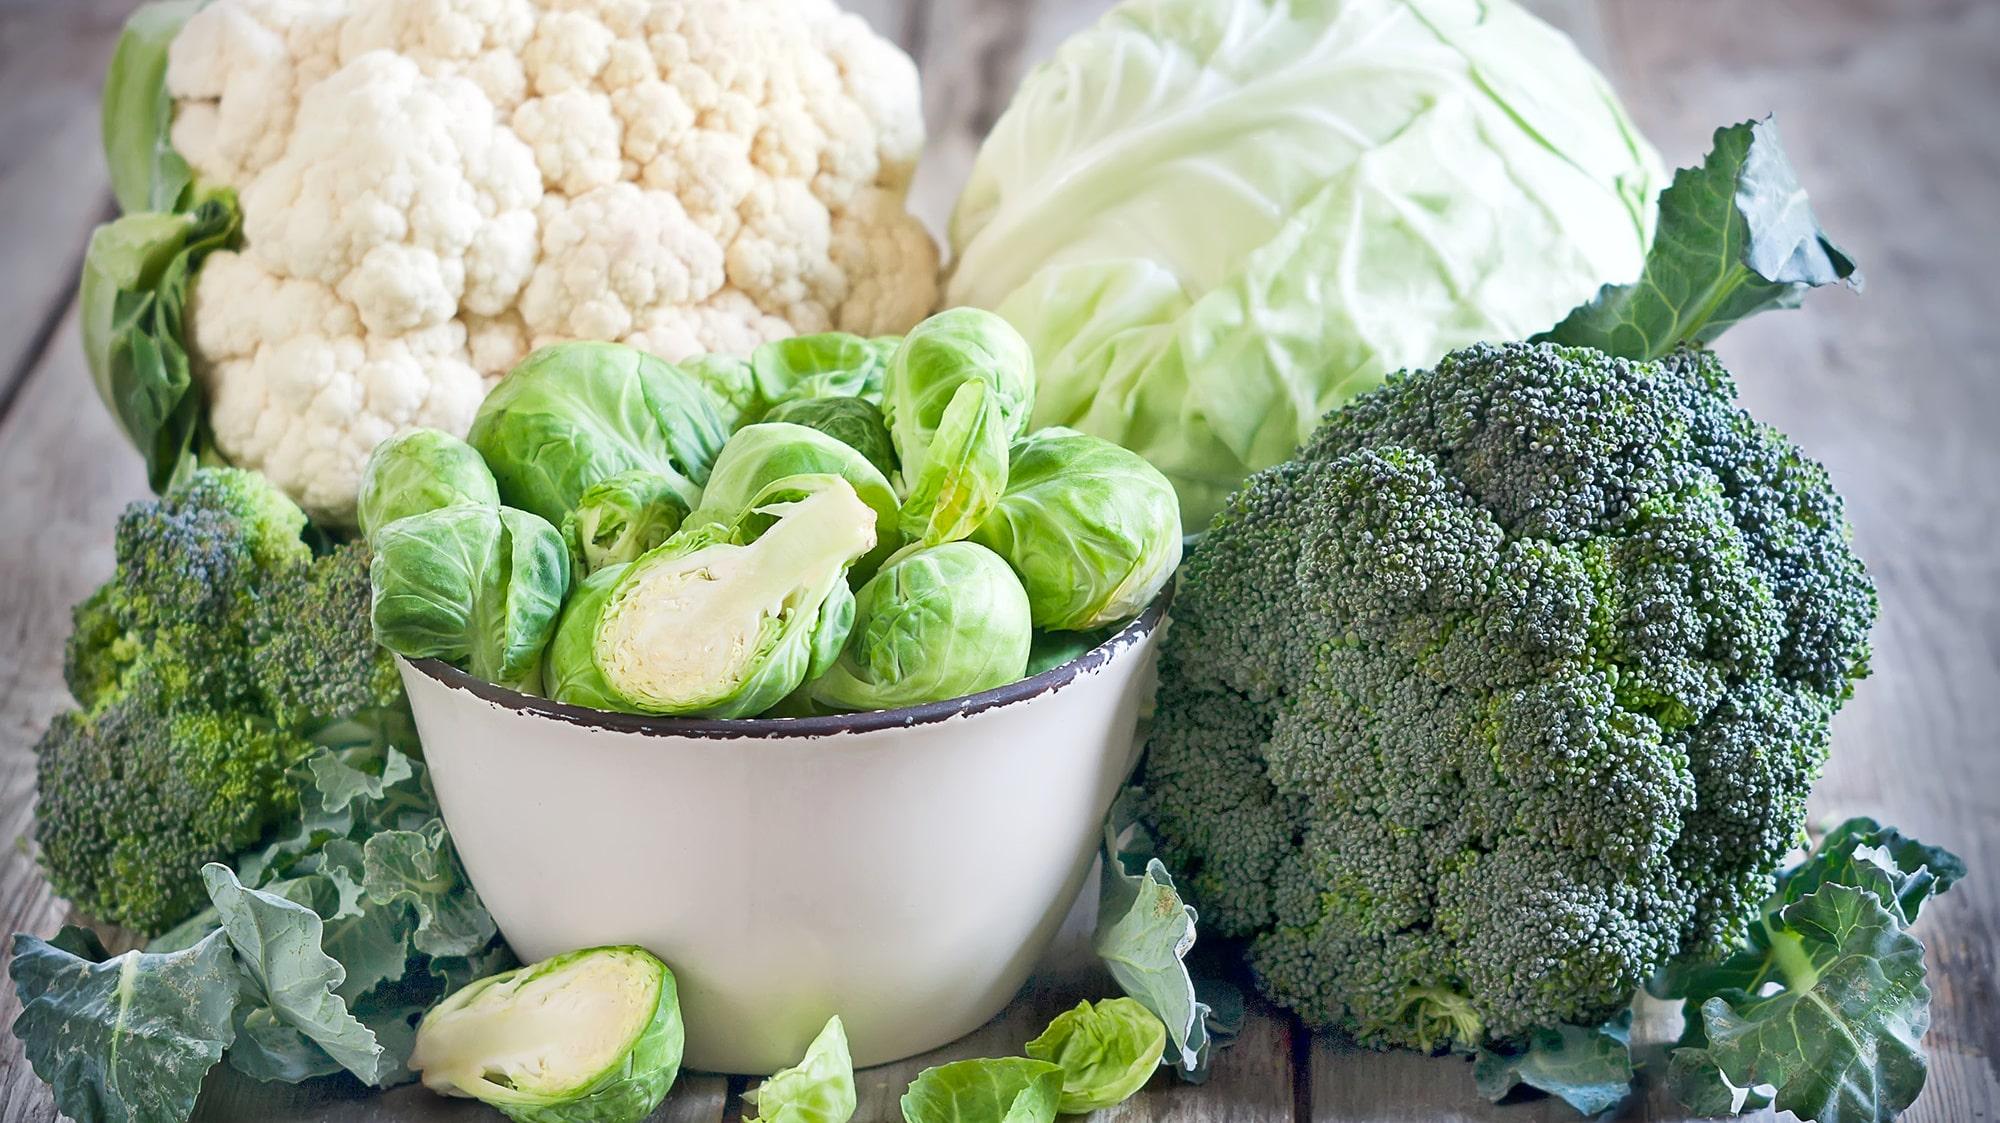 ont i magen av broccoli